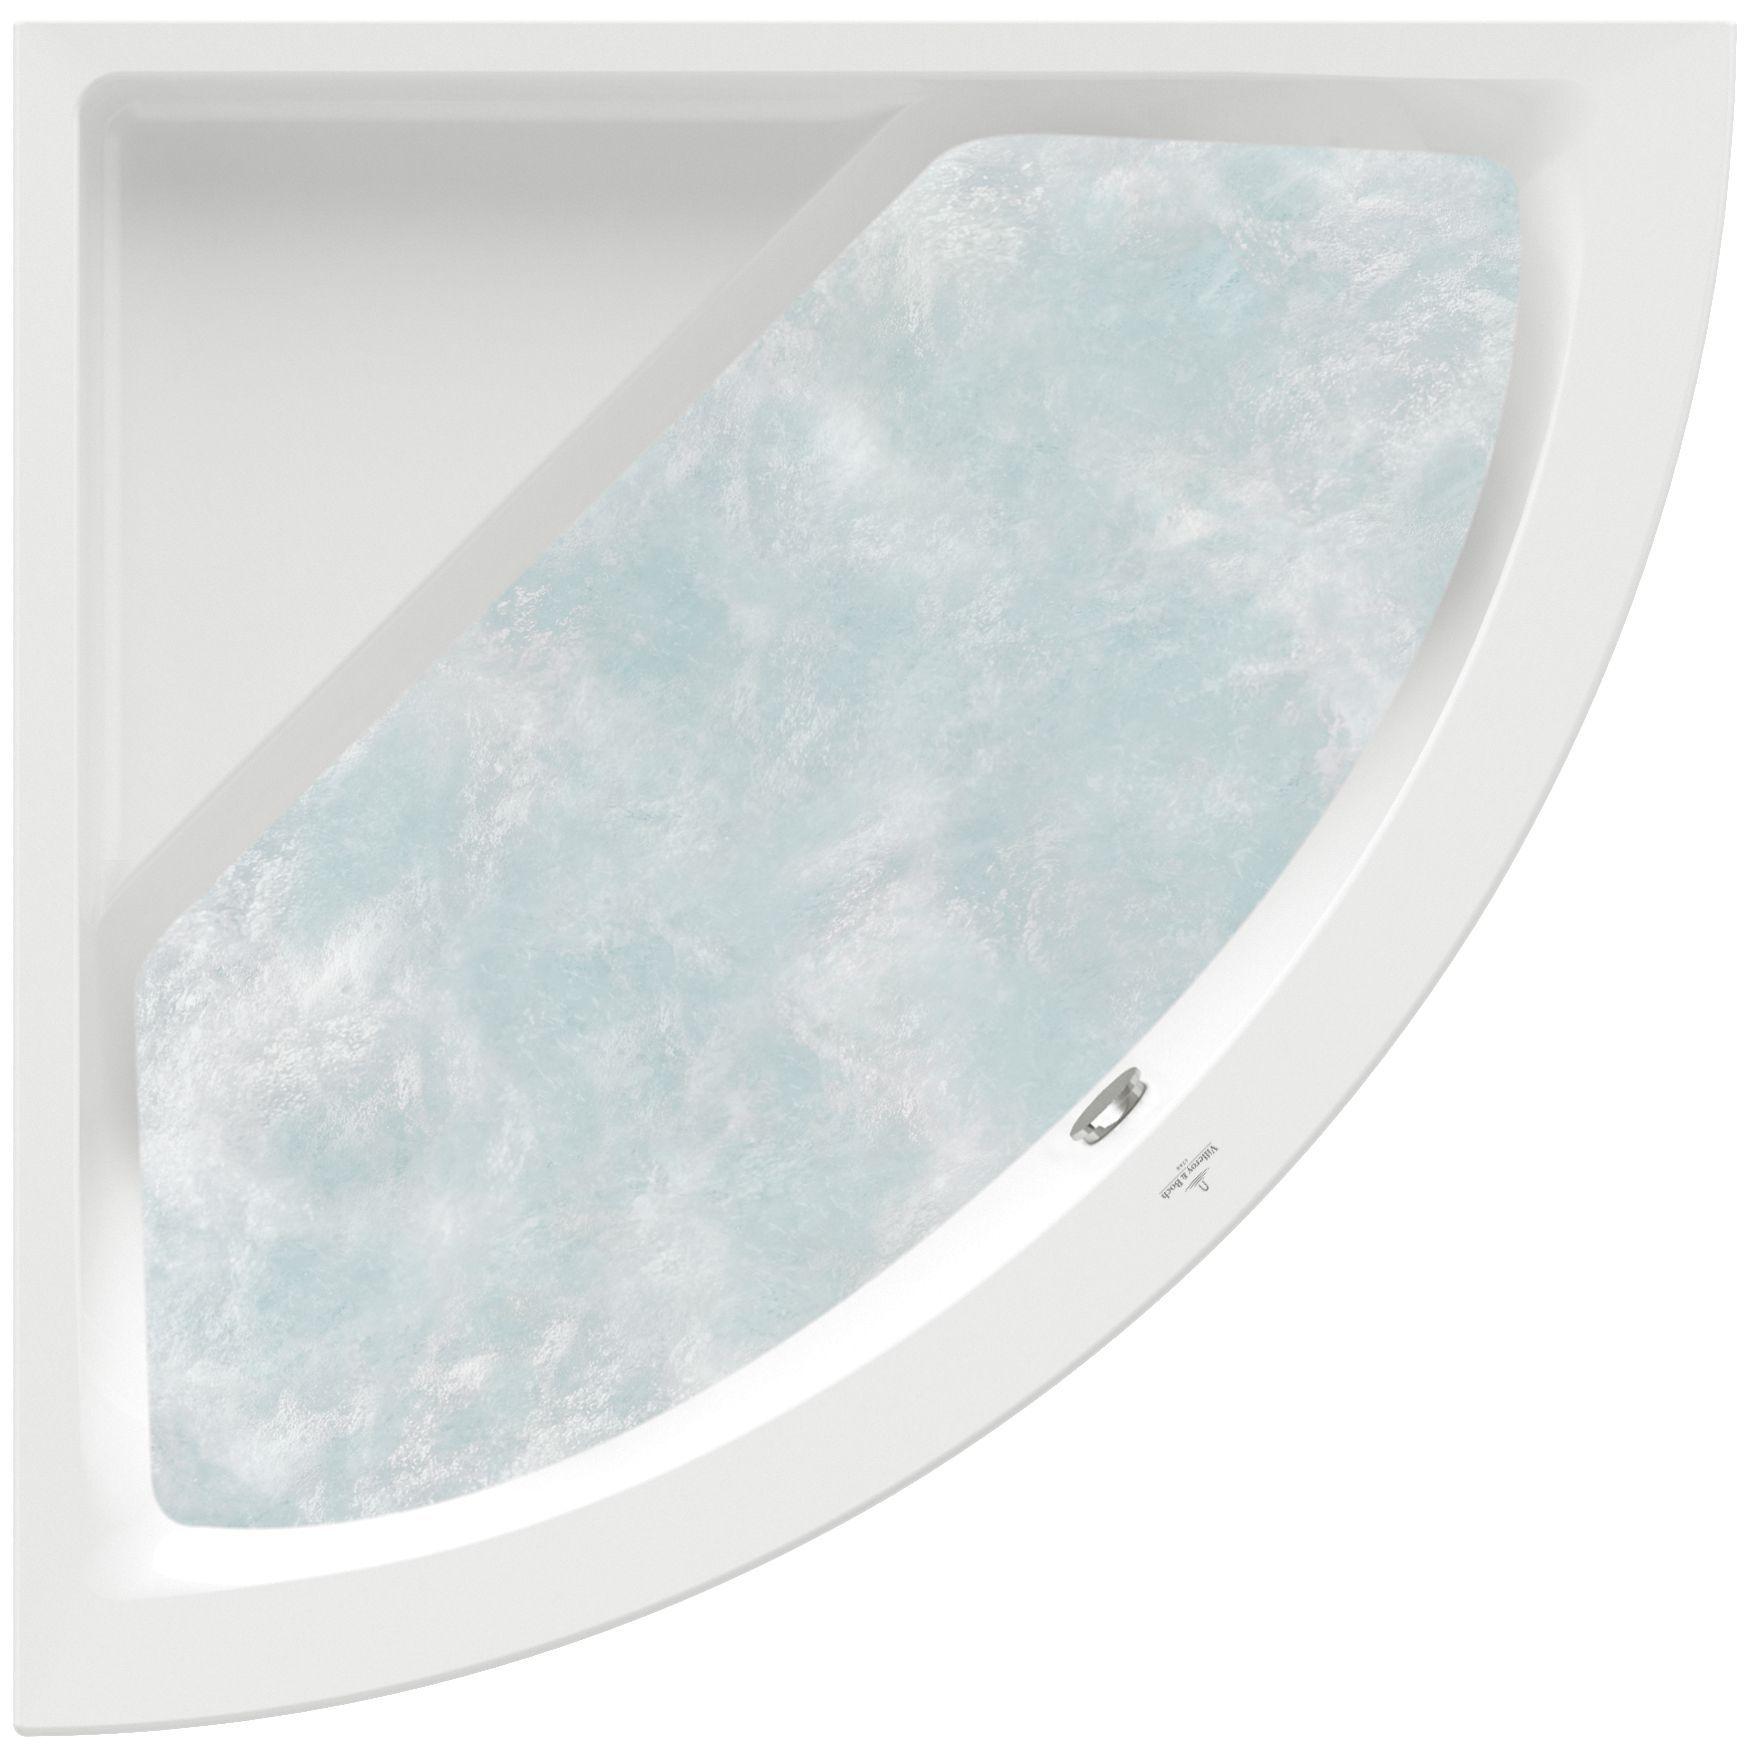 Villeroy & Boch Subway Eck-Badewanne Technik Position 2 L:130xB:130xcm weiß UAC130SUB3B2V01